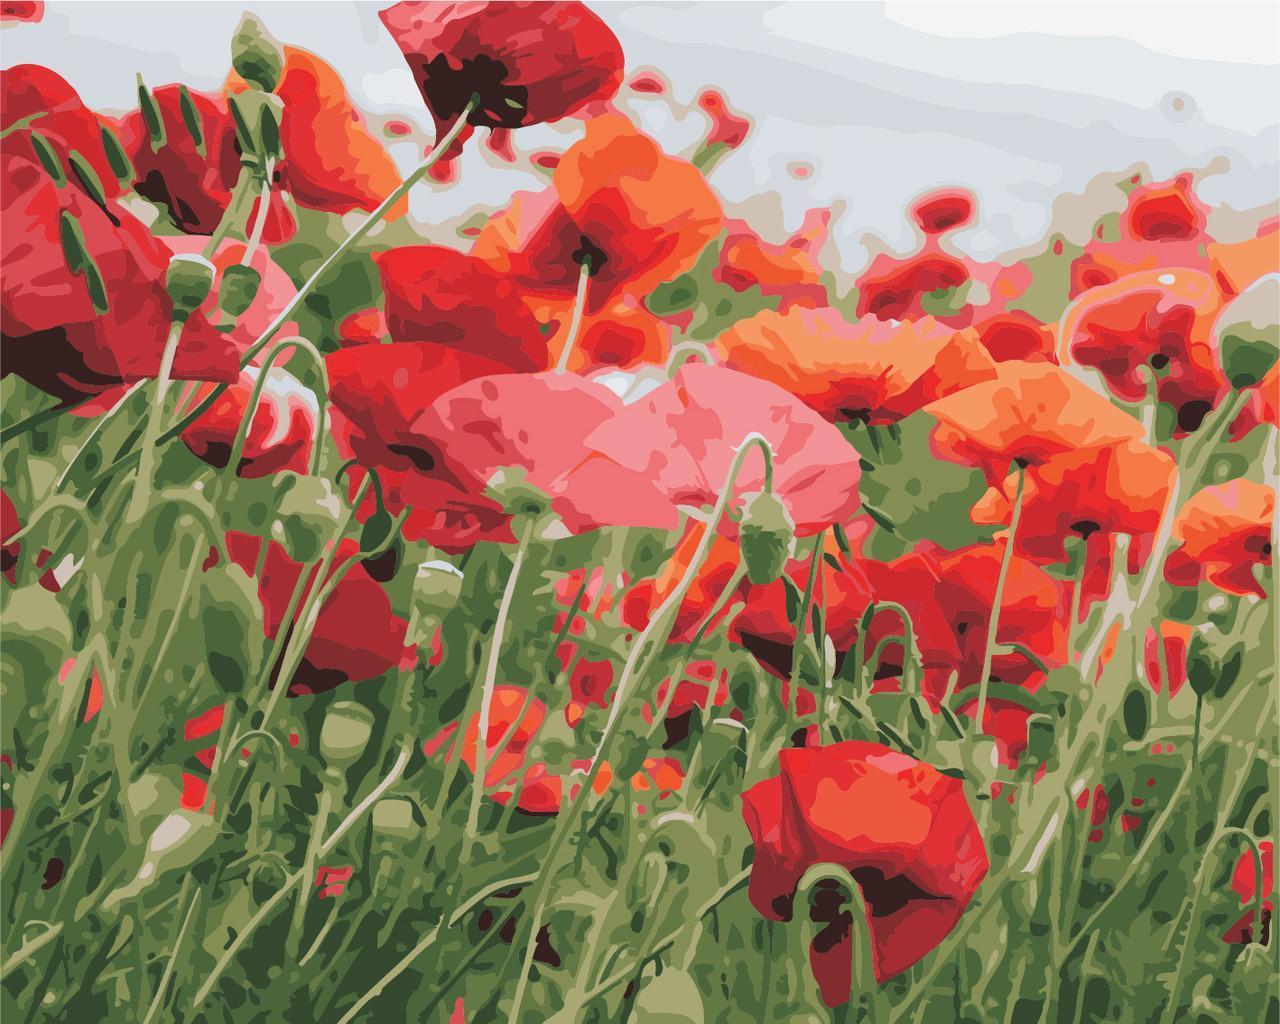 Картина рисование по номерам ArtStory Маків цвіт 40х50см AS0352 набор для росписи, краски, кисти, холст